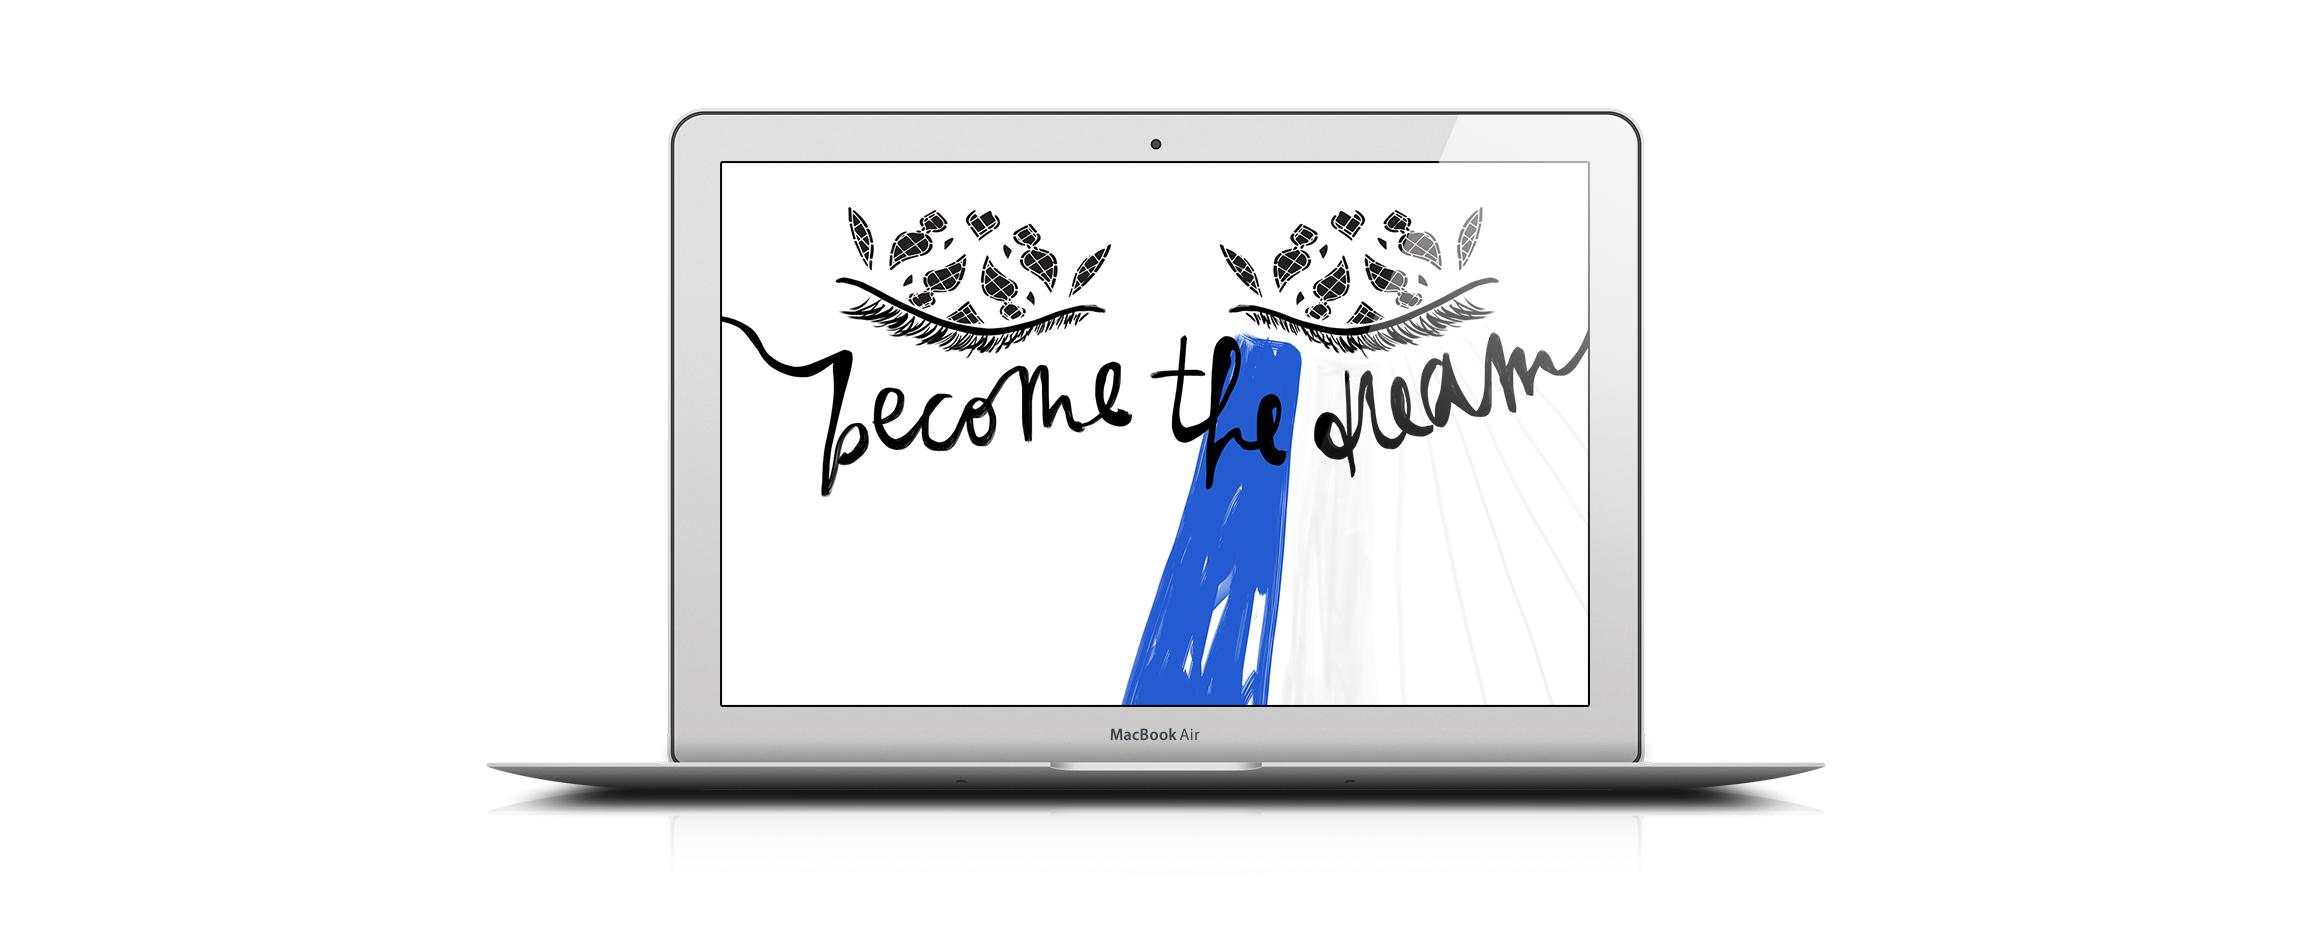 Dream-Free-Wallpaper-MacBook